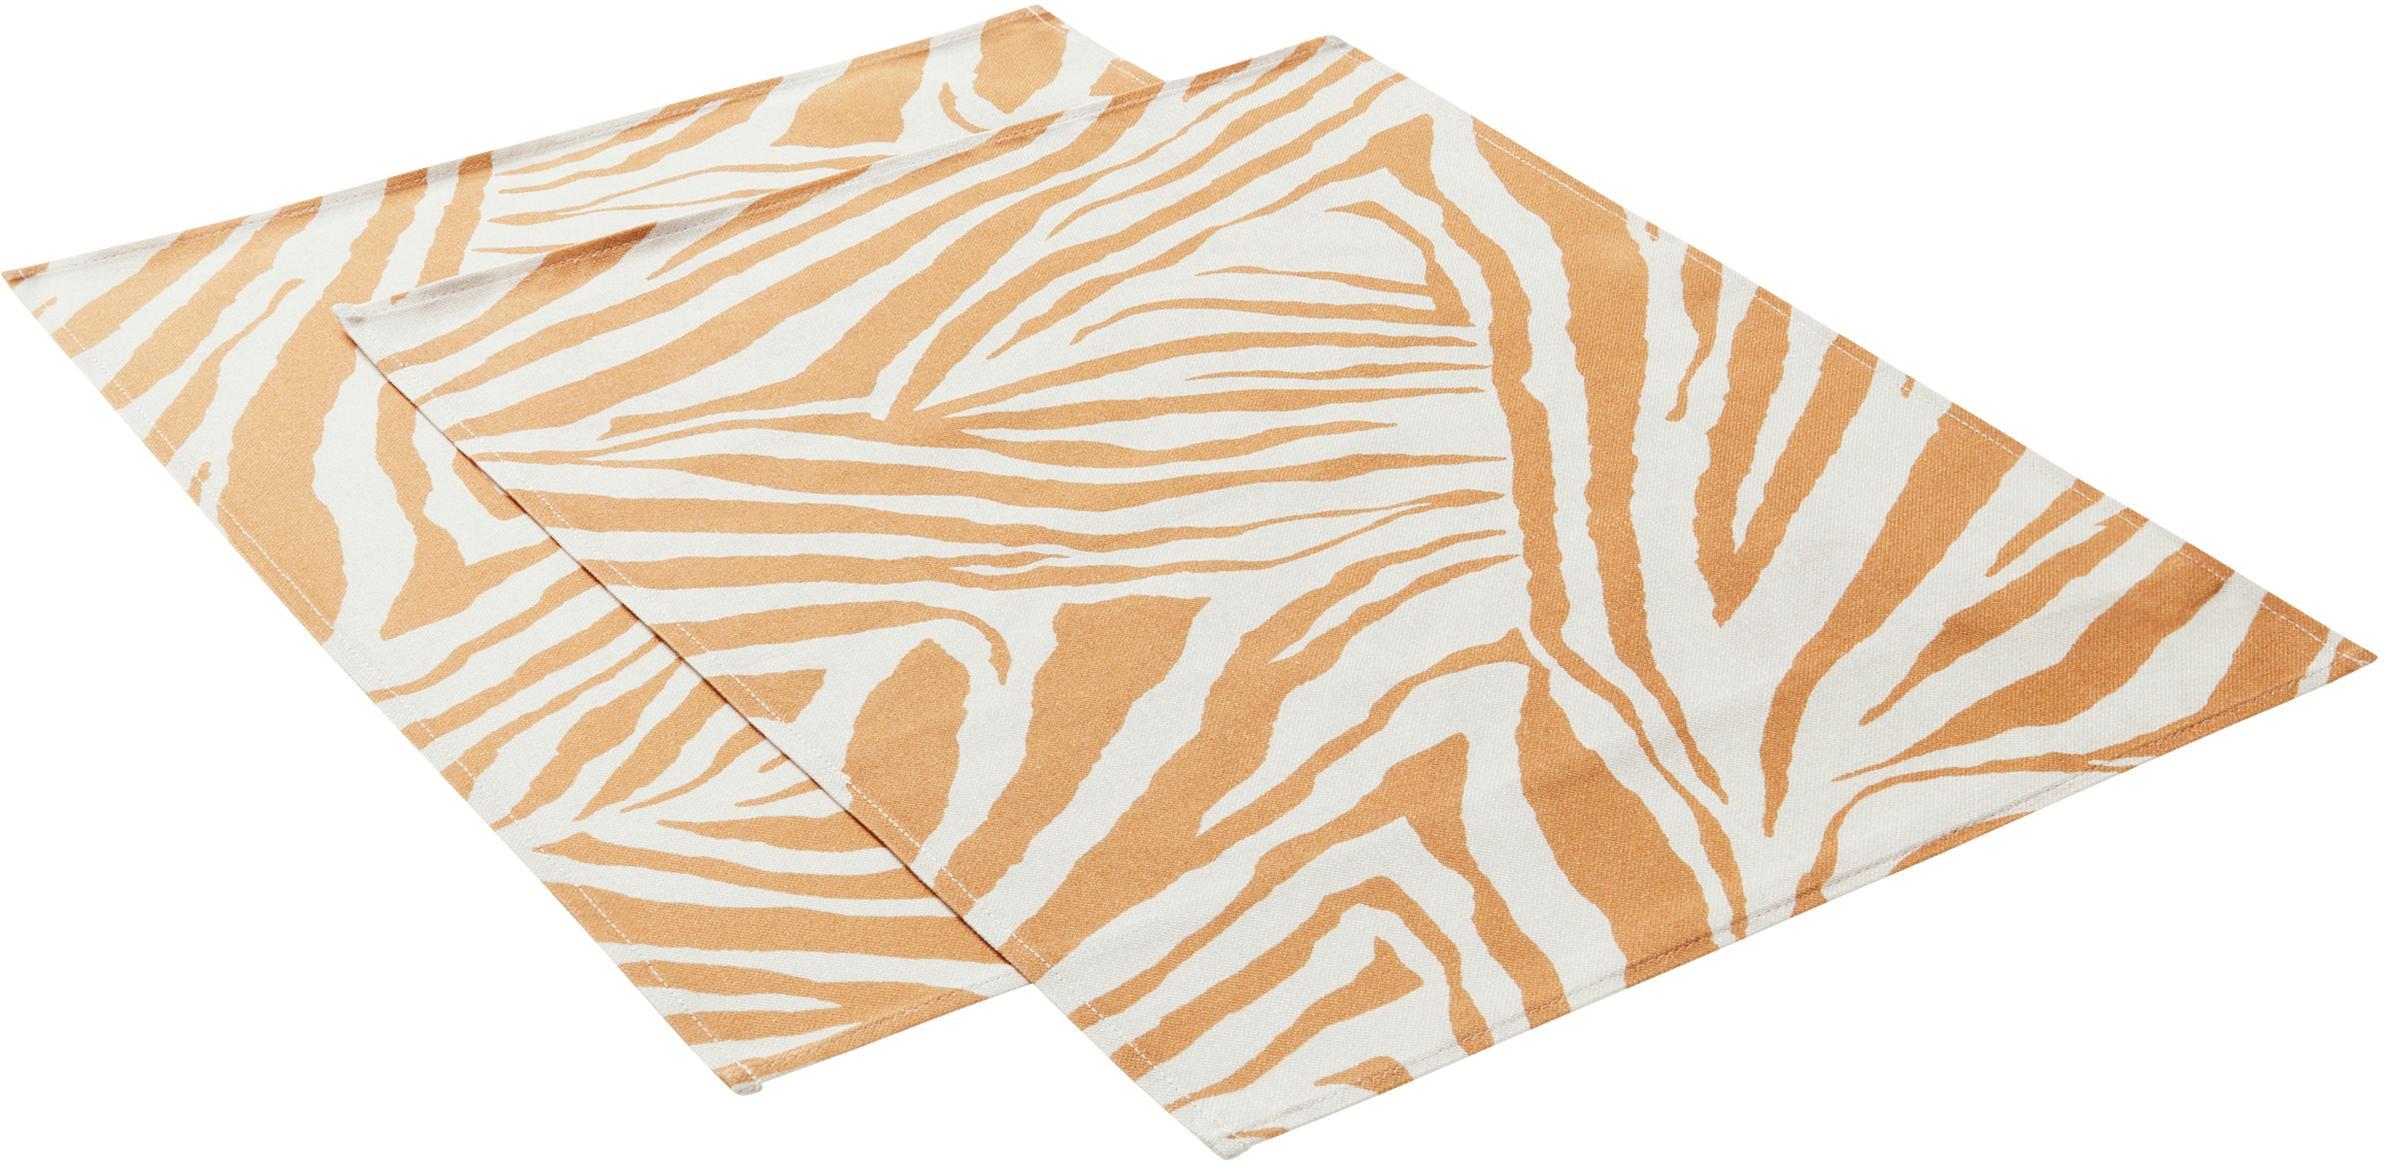 Manteles individuales Zadie, 2uds., 100%algodón de cultivos sostenible de algodón, Mostaza, blanco crema, An 35 x L 45 cm